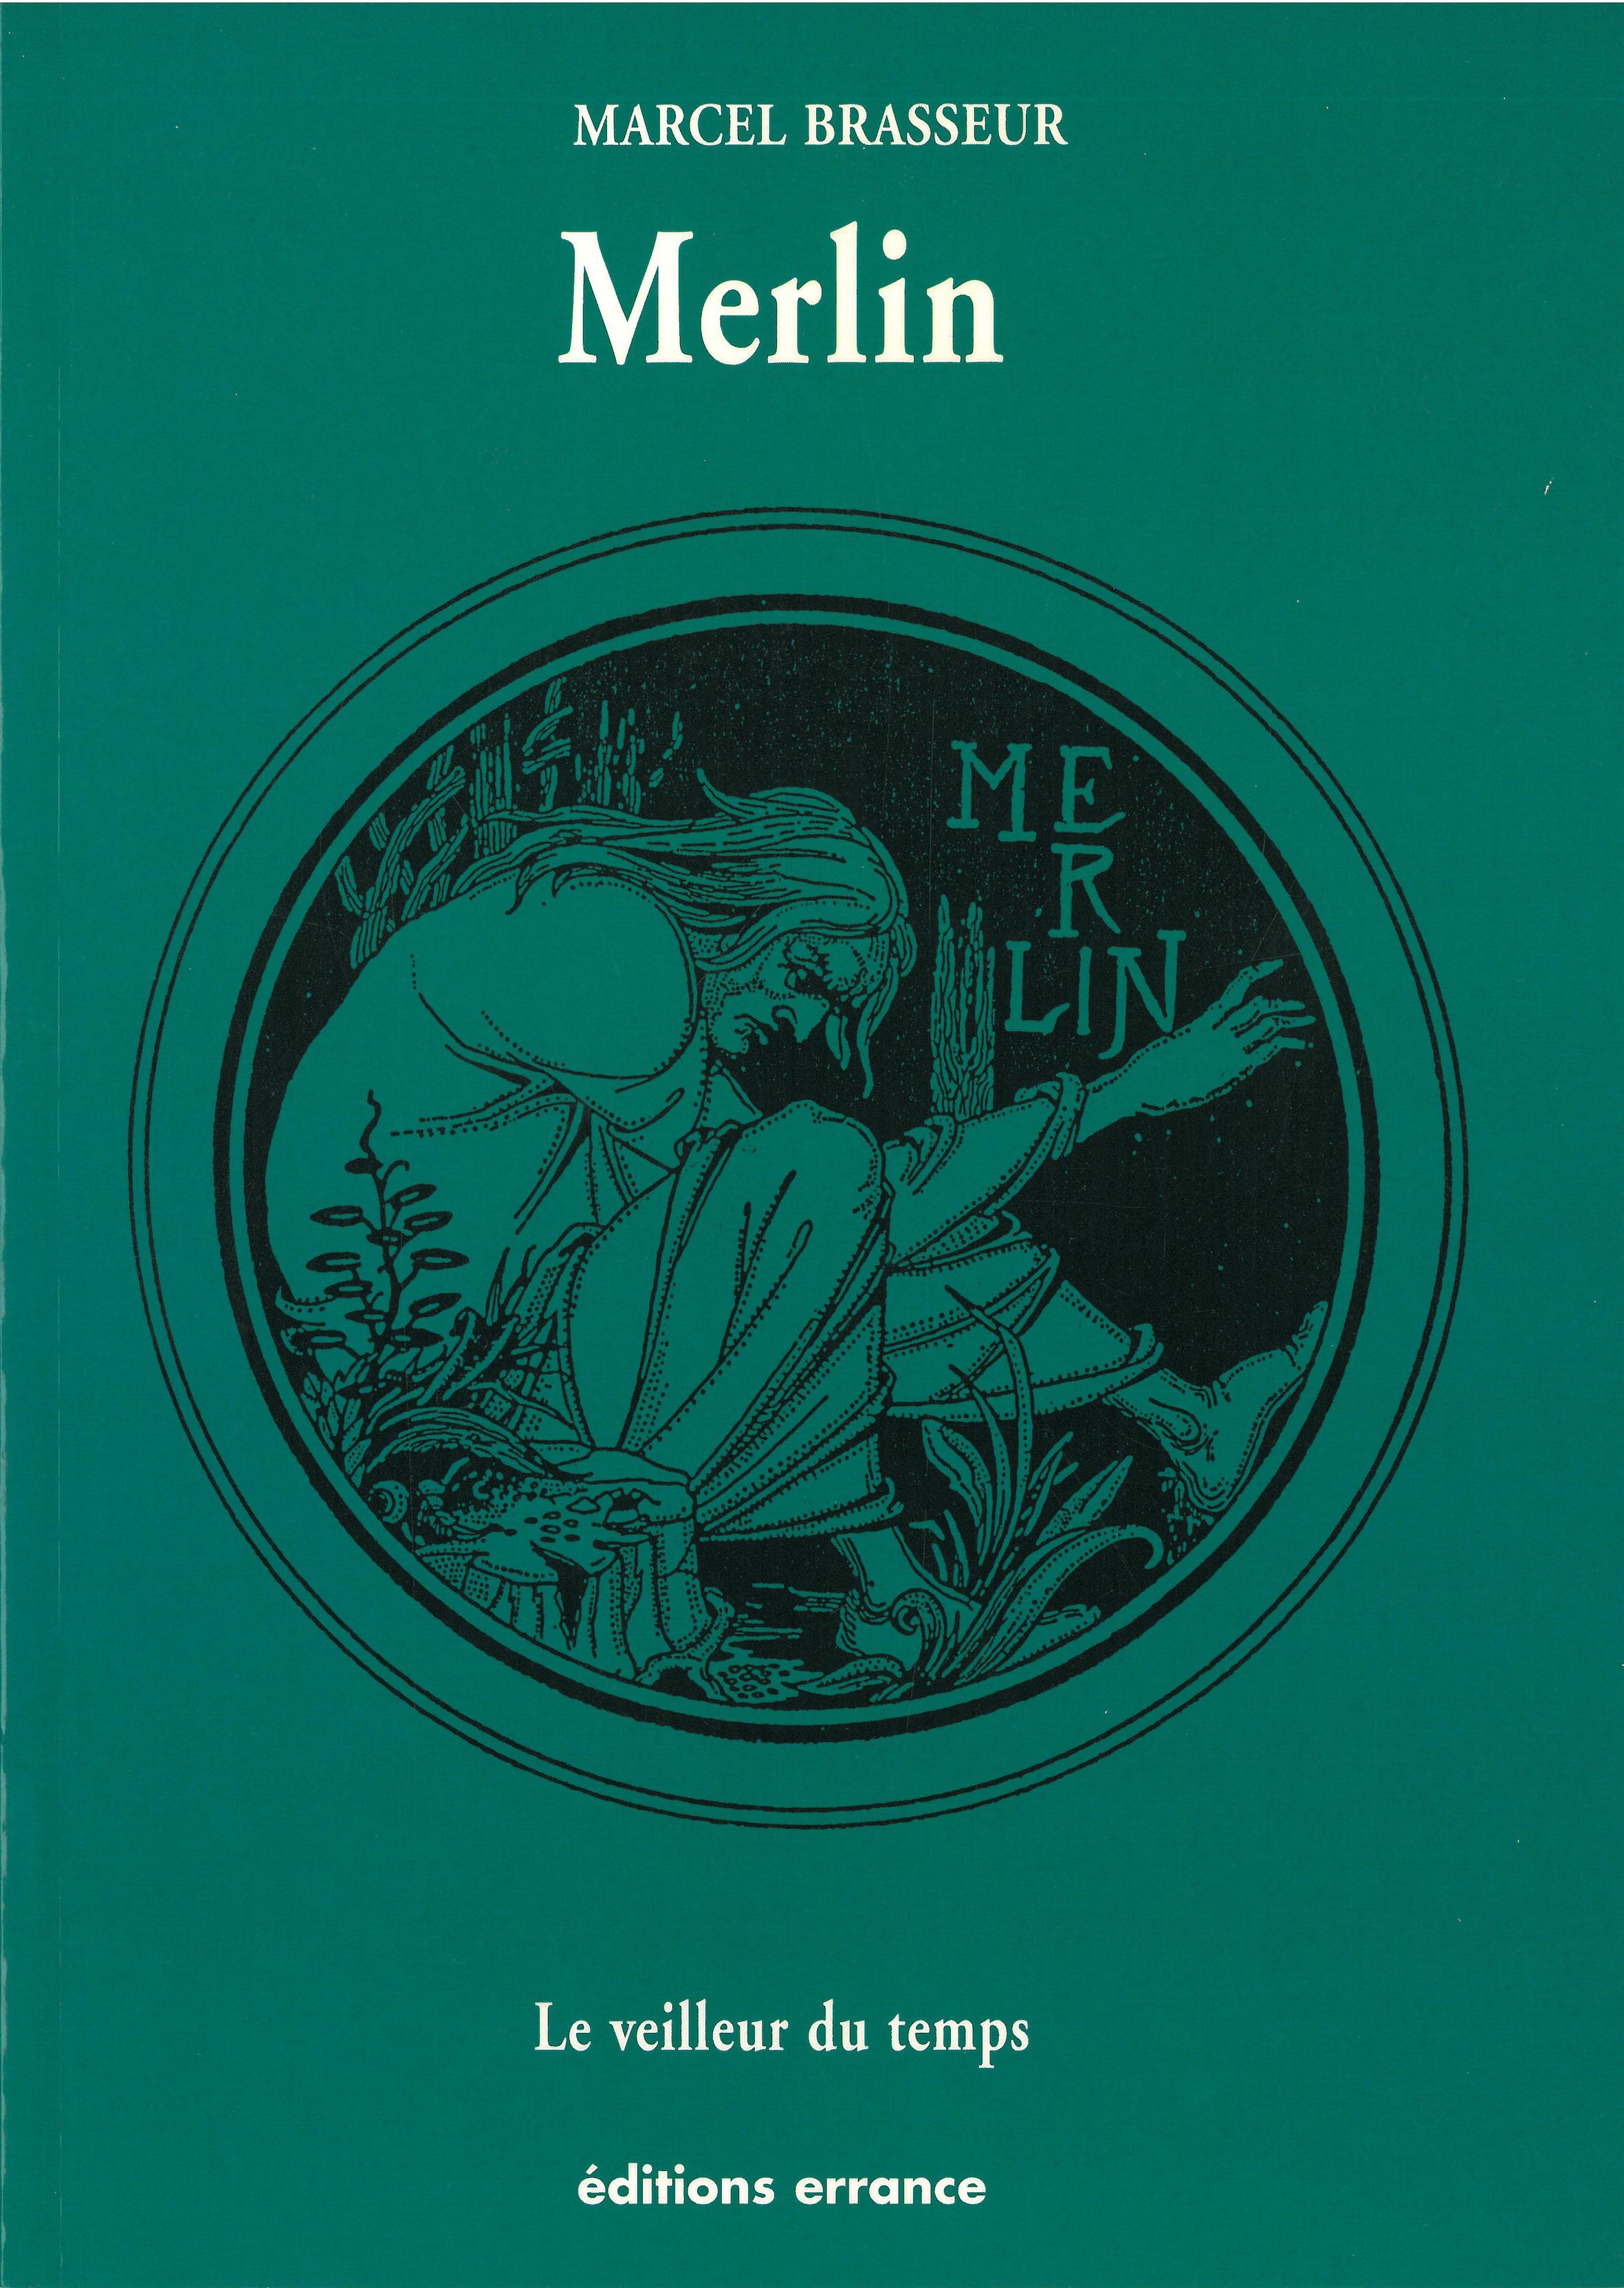 Merlin – Le veilleur du temps